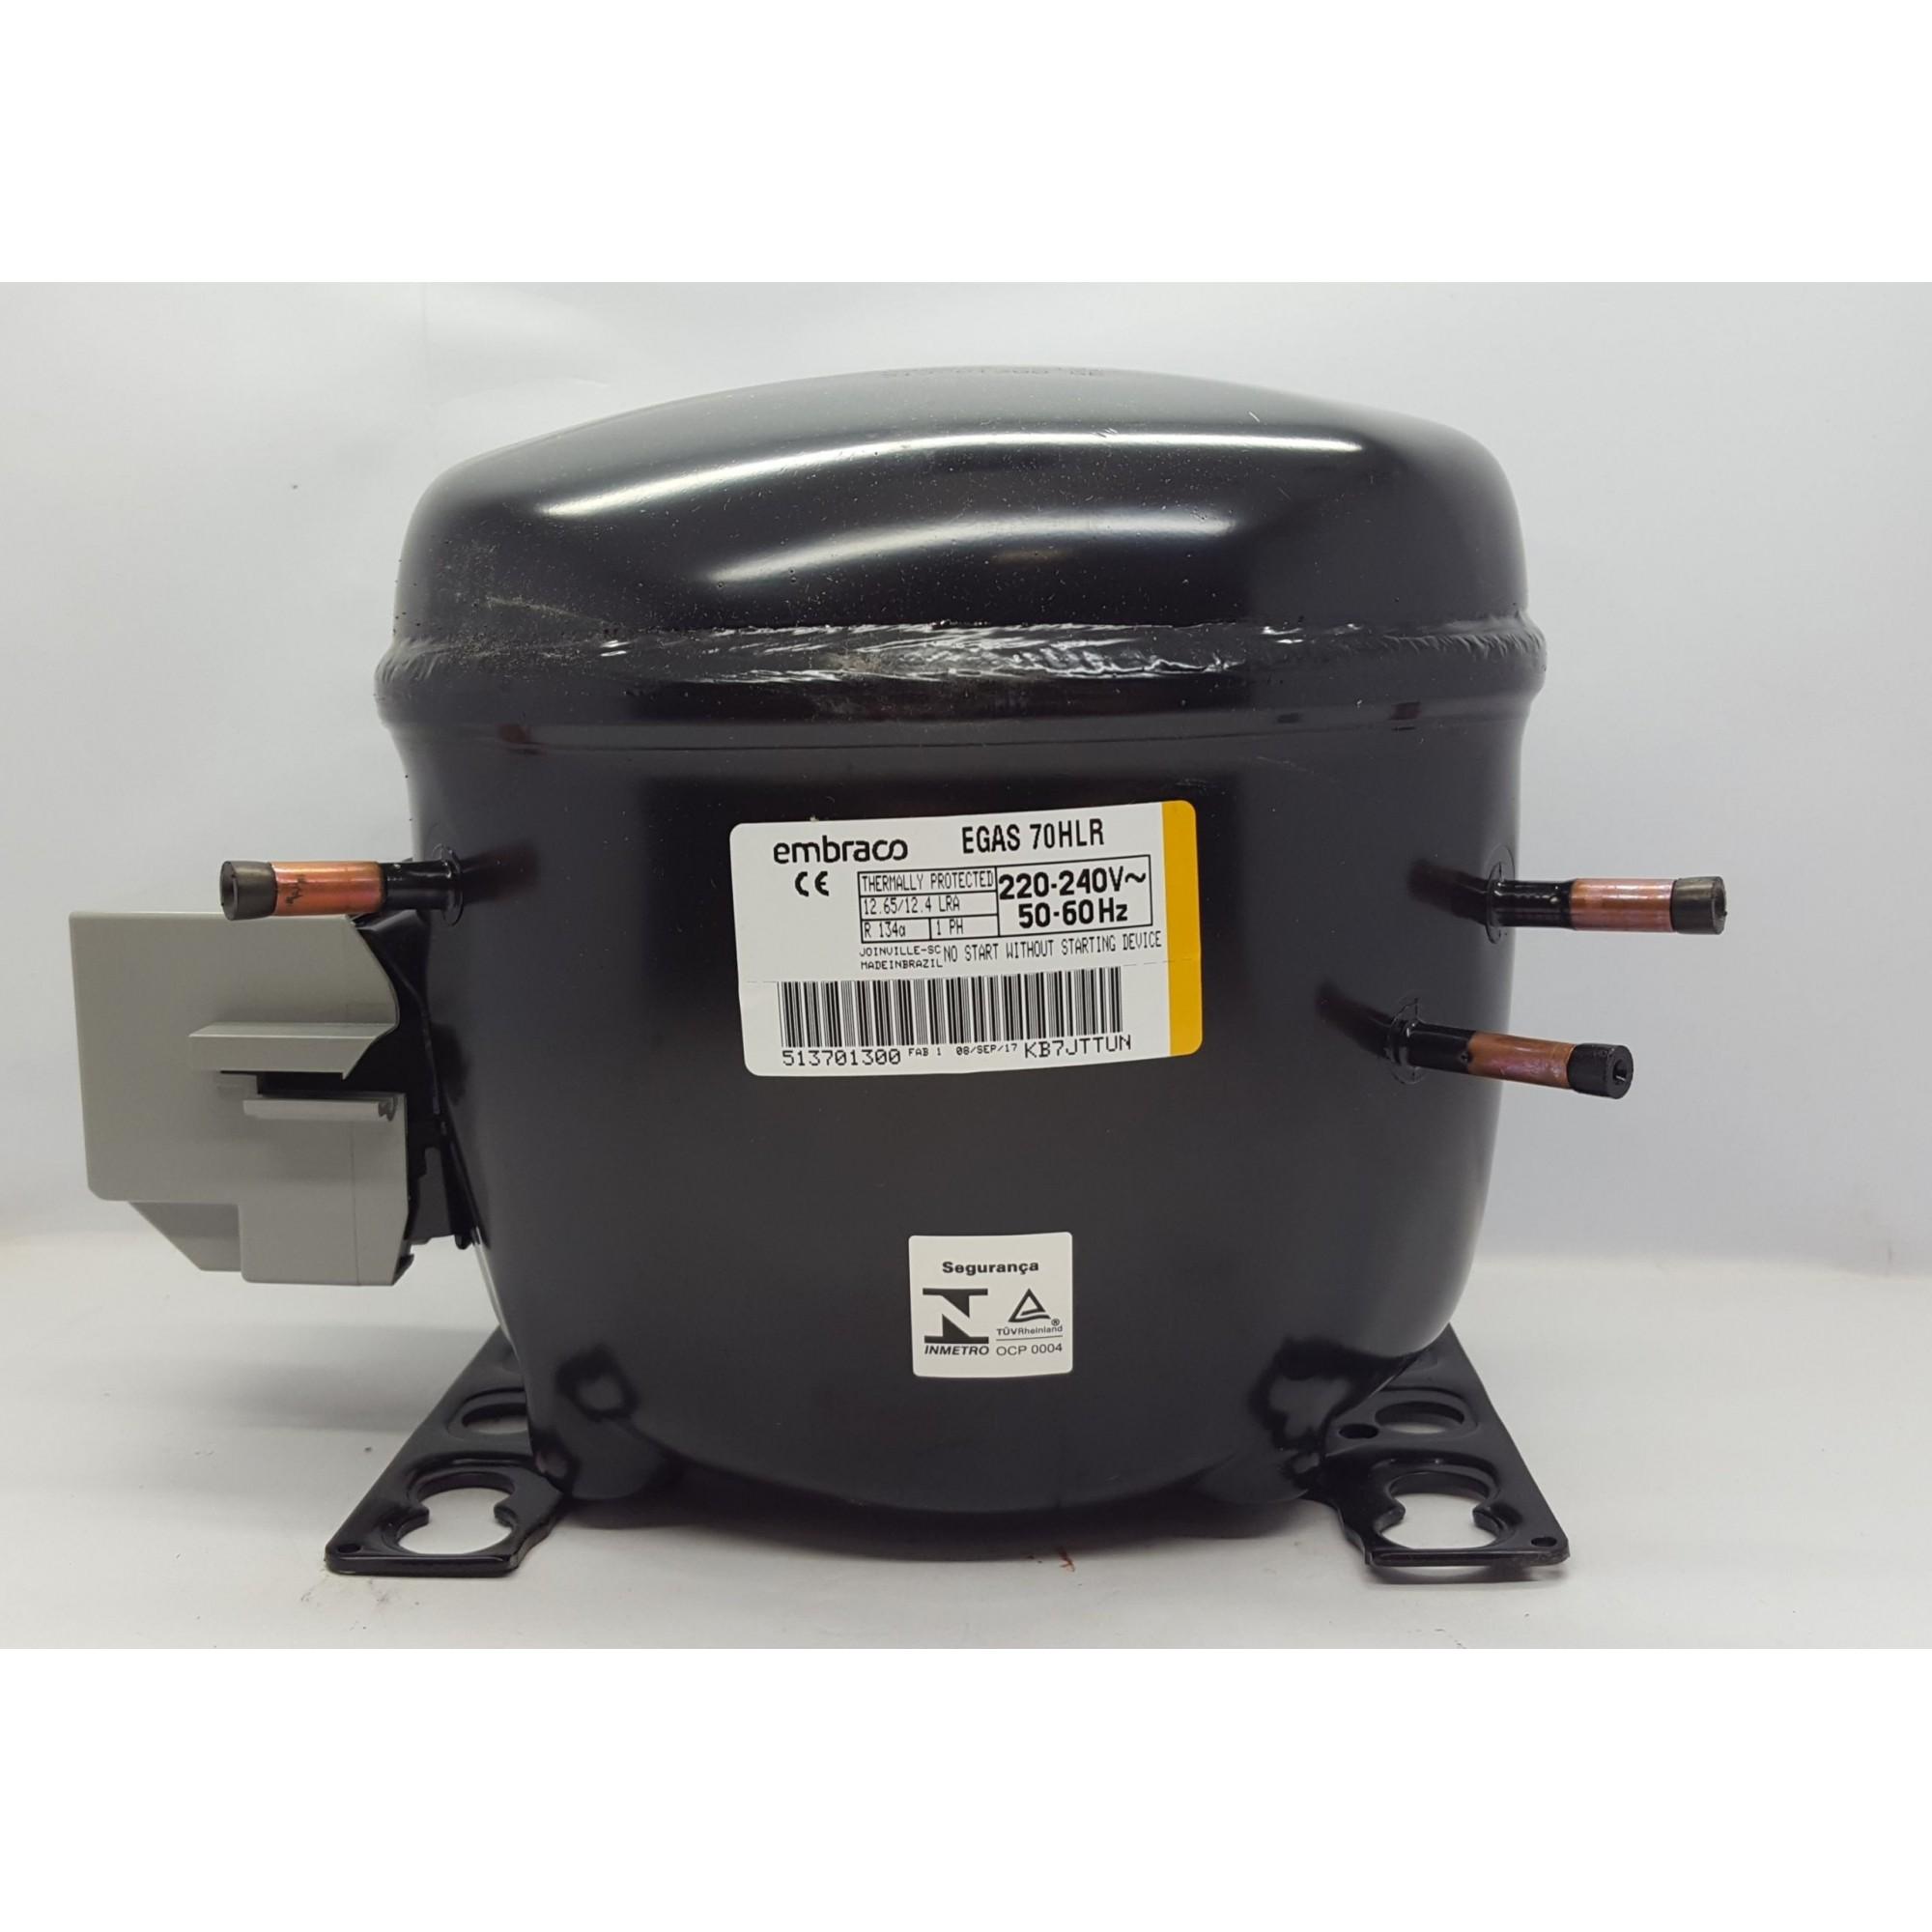 MOTOR PARA GELADEIRA E FREEZER - COMPRESSOR EMBRACO 1/5+ HP - EGAS 70HLR - R134a (220v ou 110v)